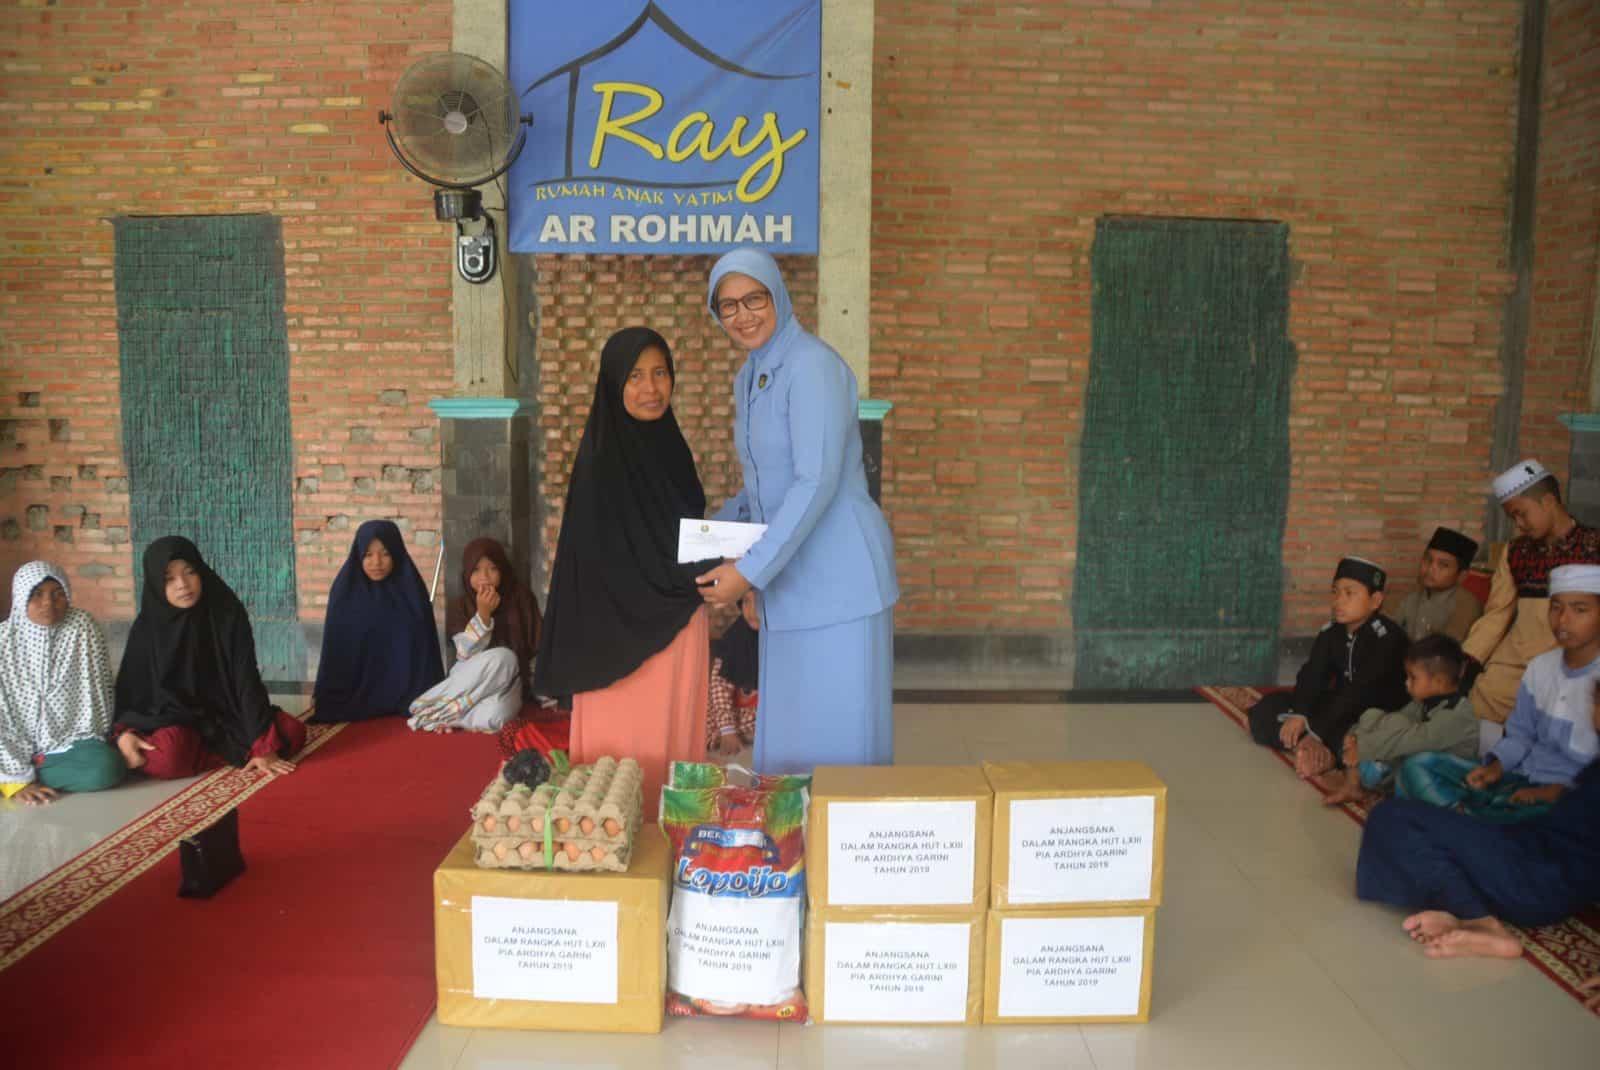 Anjangsana PIA AG Cab.11/D.II Lanud Sjamsudin Noor Ke Panti Asuhan Ar-Rohman Banjarbaru